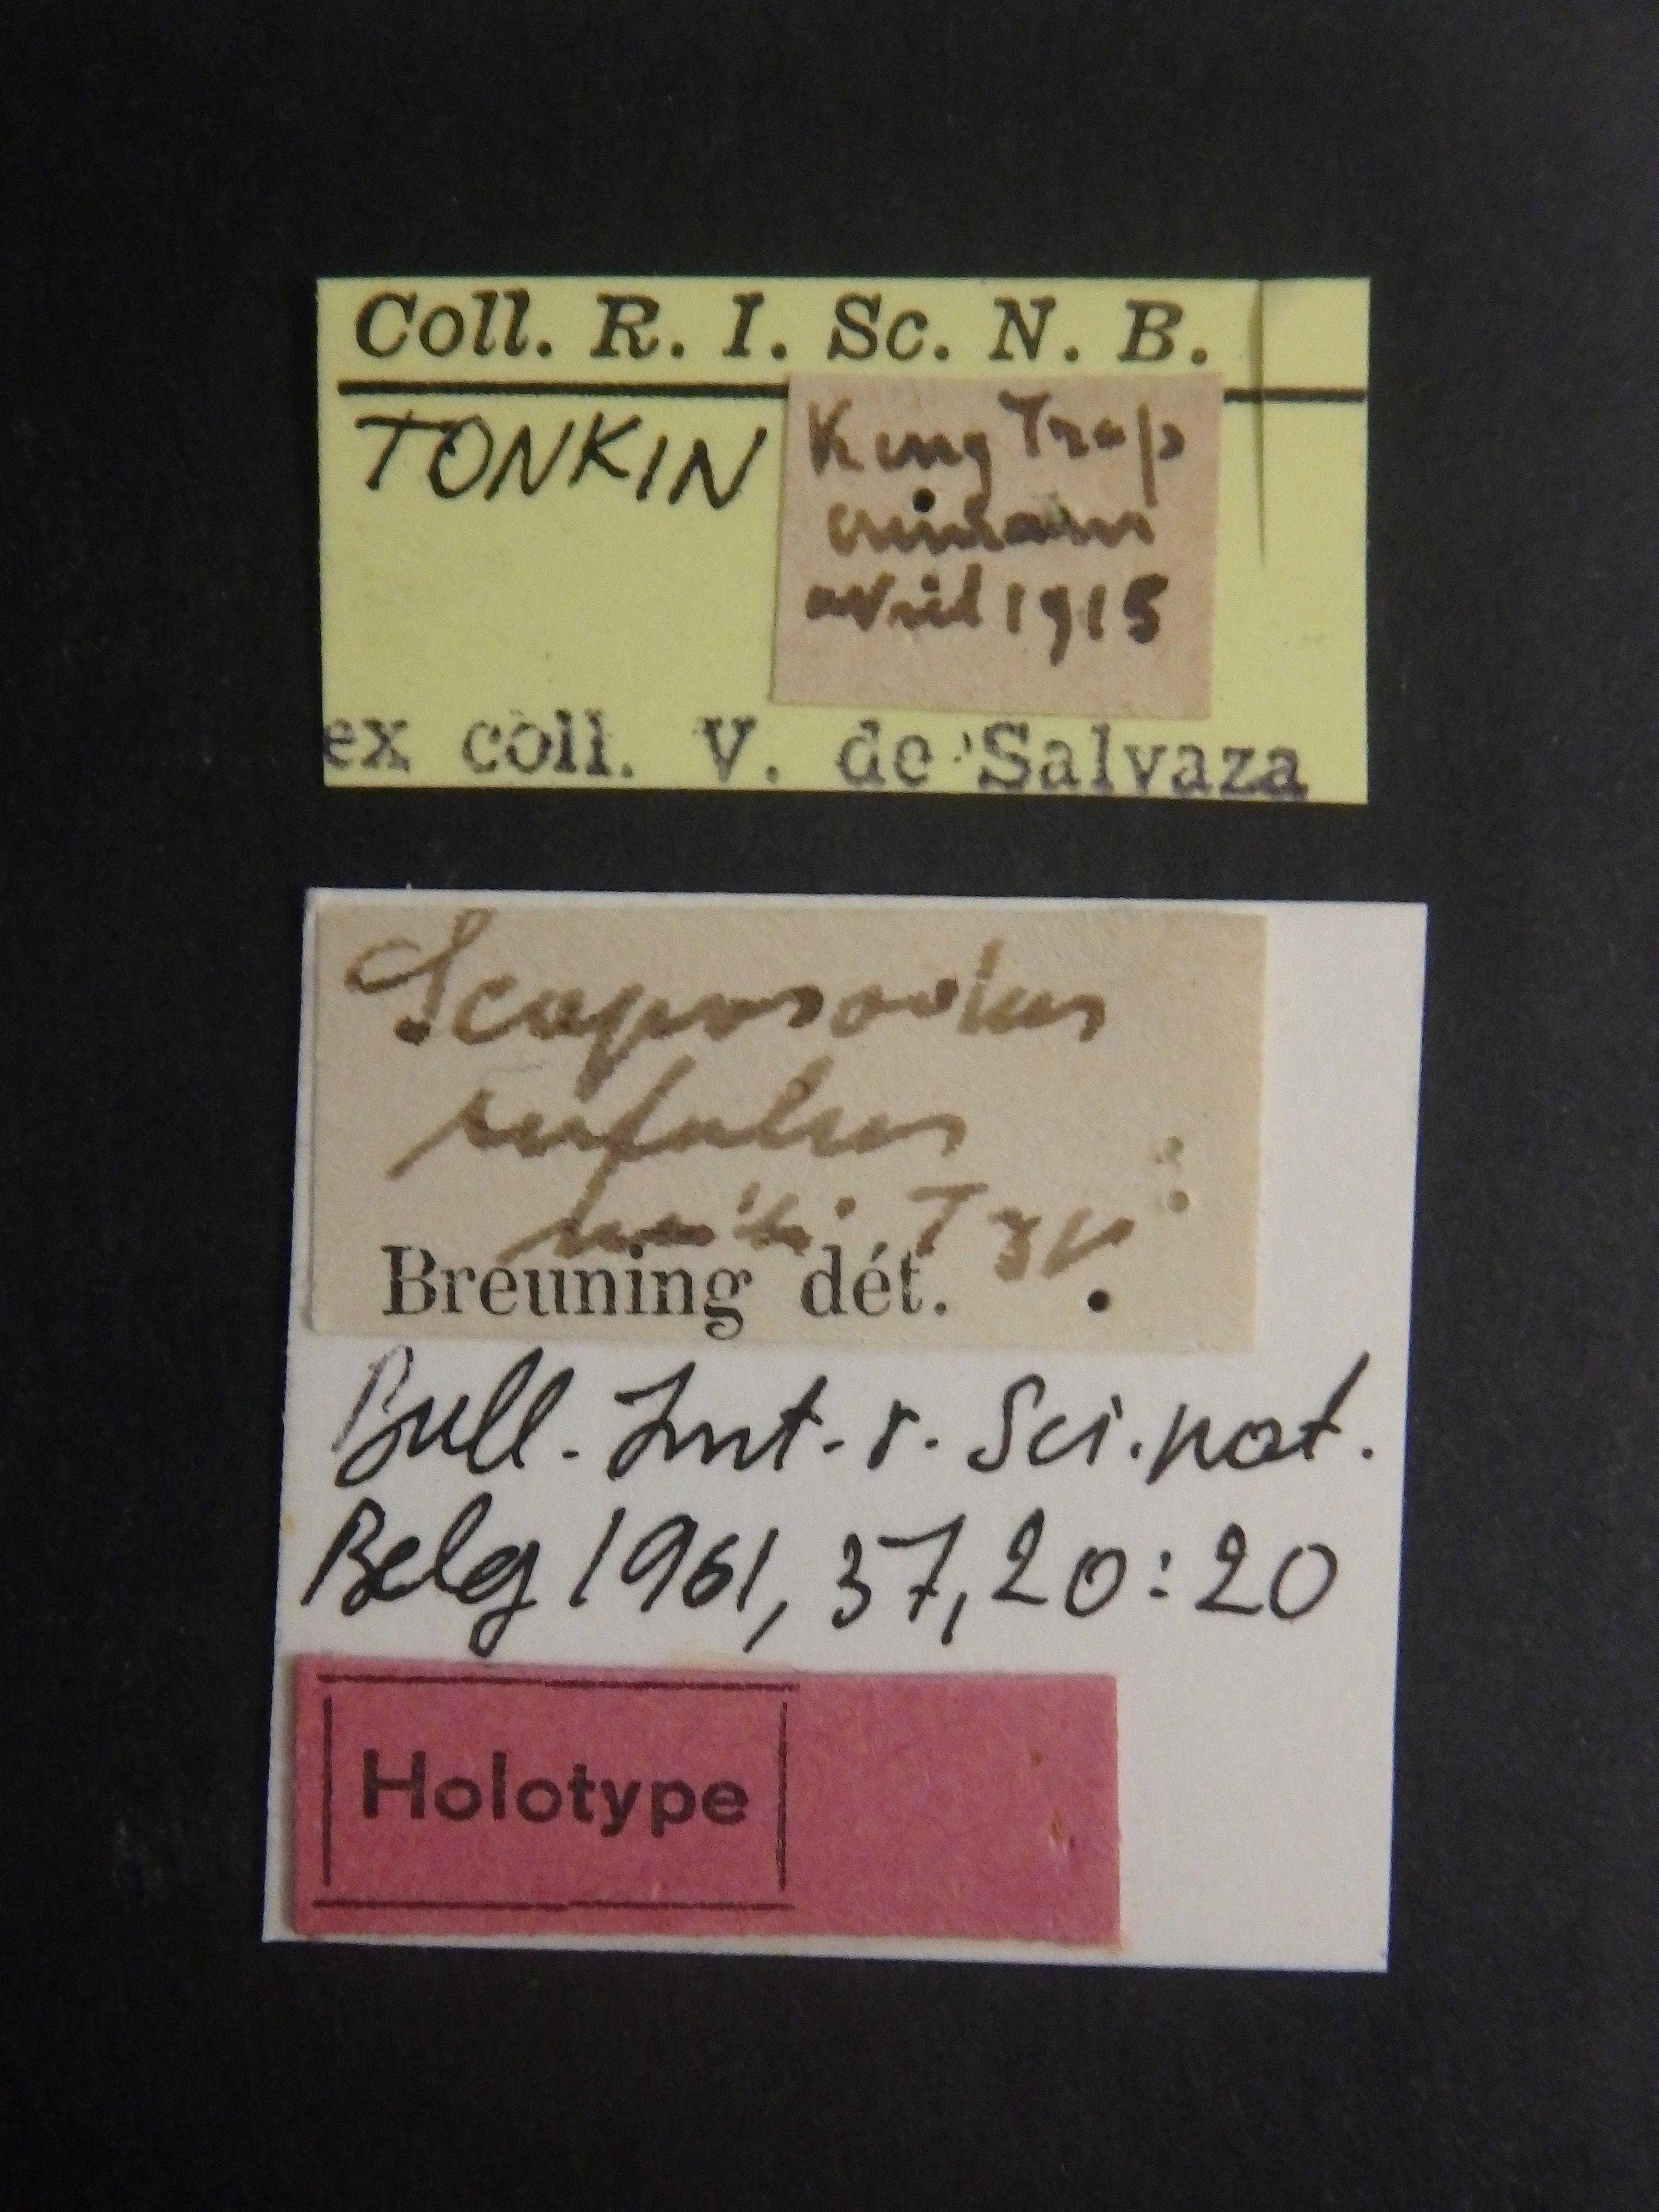 Scaposodus rufulus ht Labels.JPG